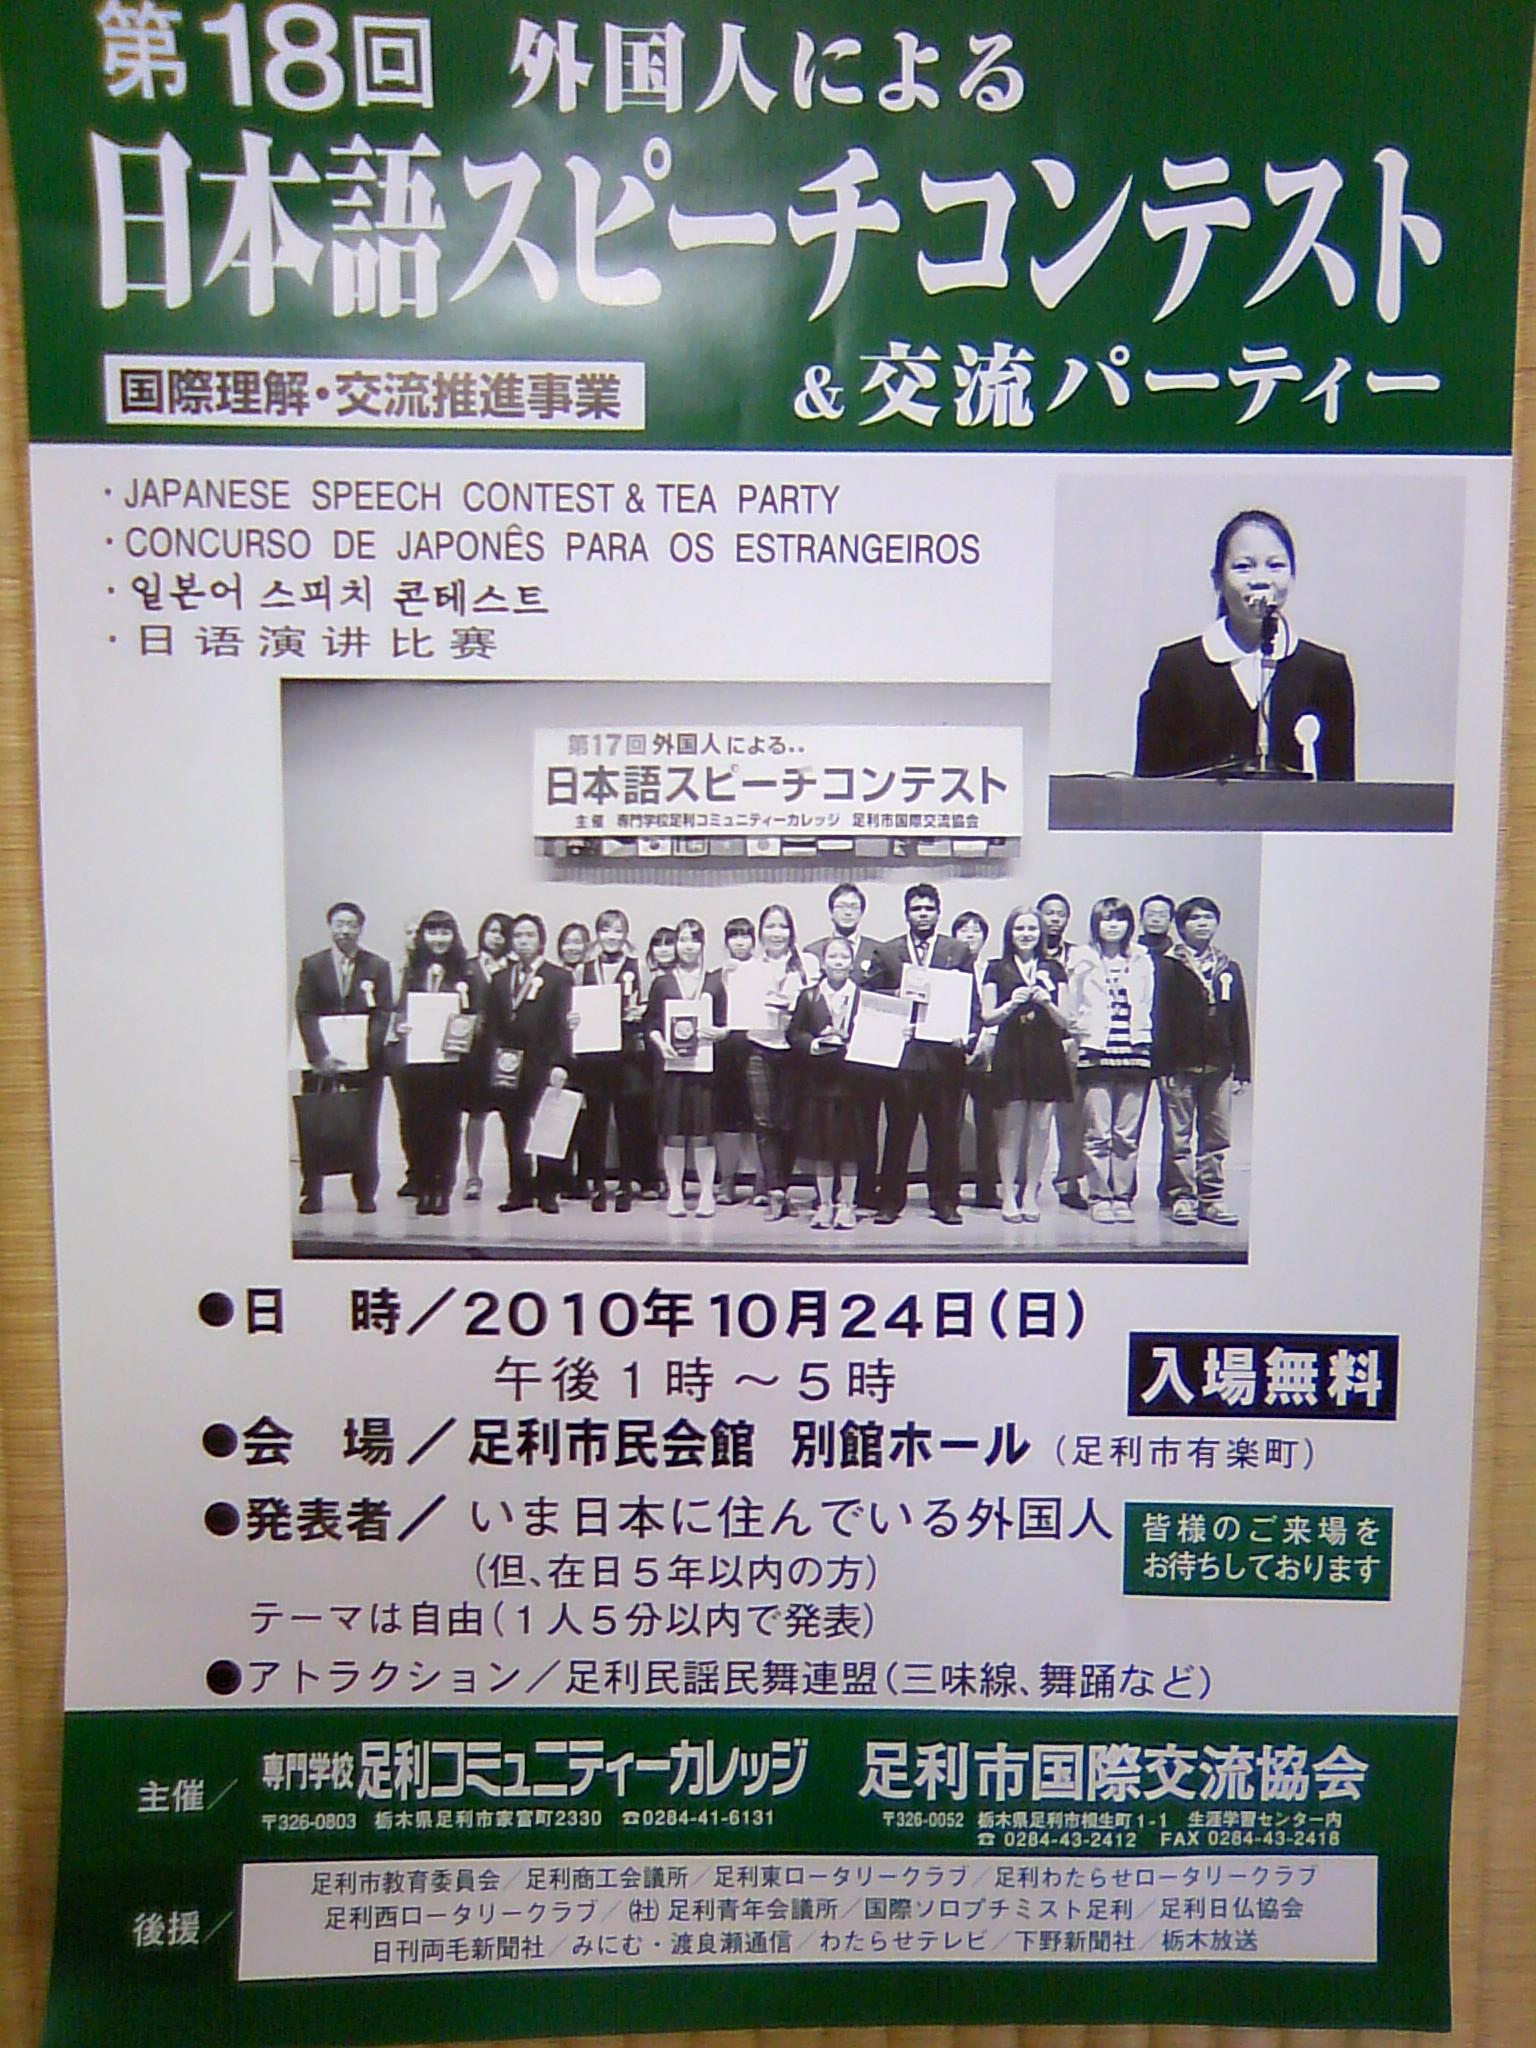 「日本語スピーチコンテスト」のお知らせ